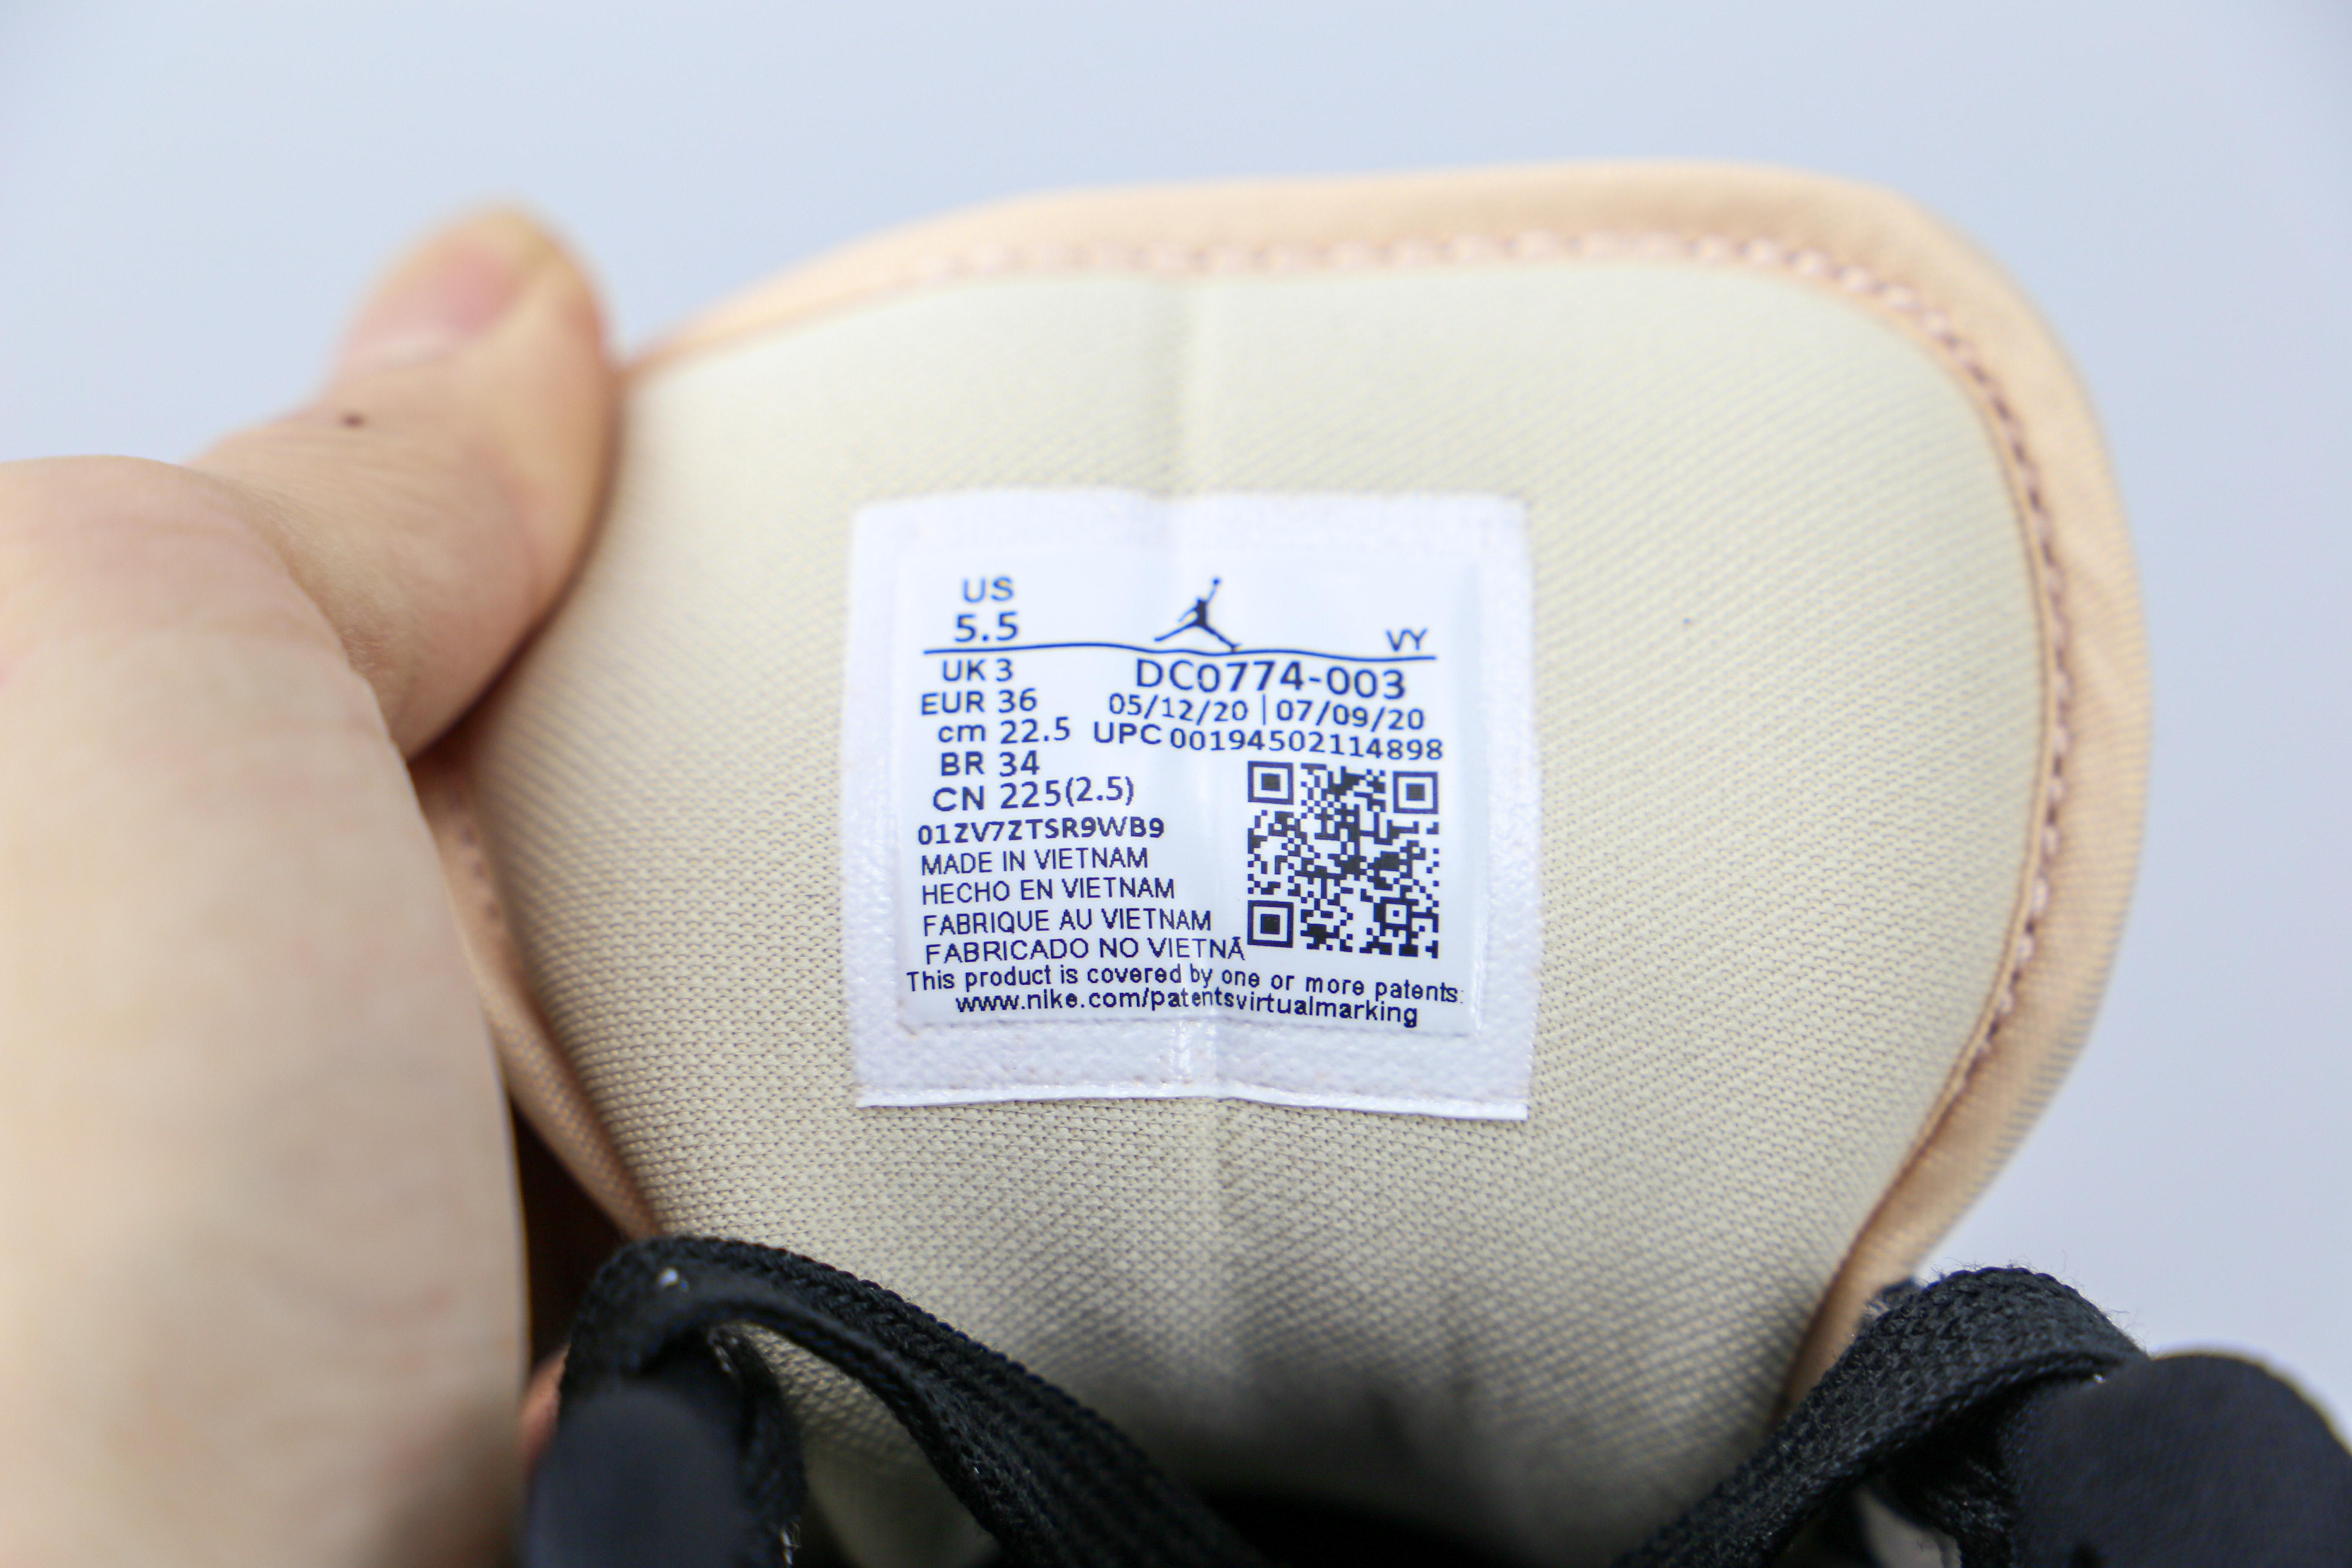 过验版 乔丹 AJ1 低帮 黑粉色 奶茶 Air Jordan 1 LOW  市场唯一过验级别更多配色陆续出货 货号:DC0774 003 第一轮基本无法鉴定     J21